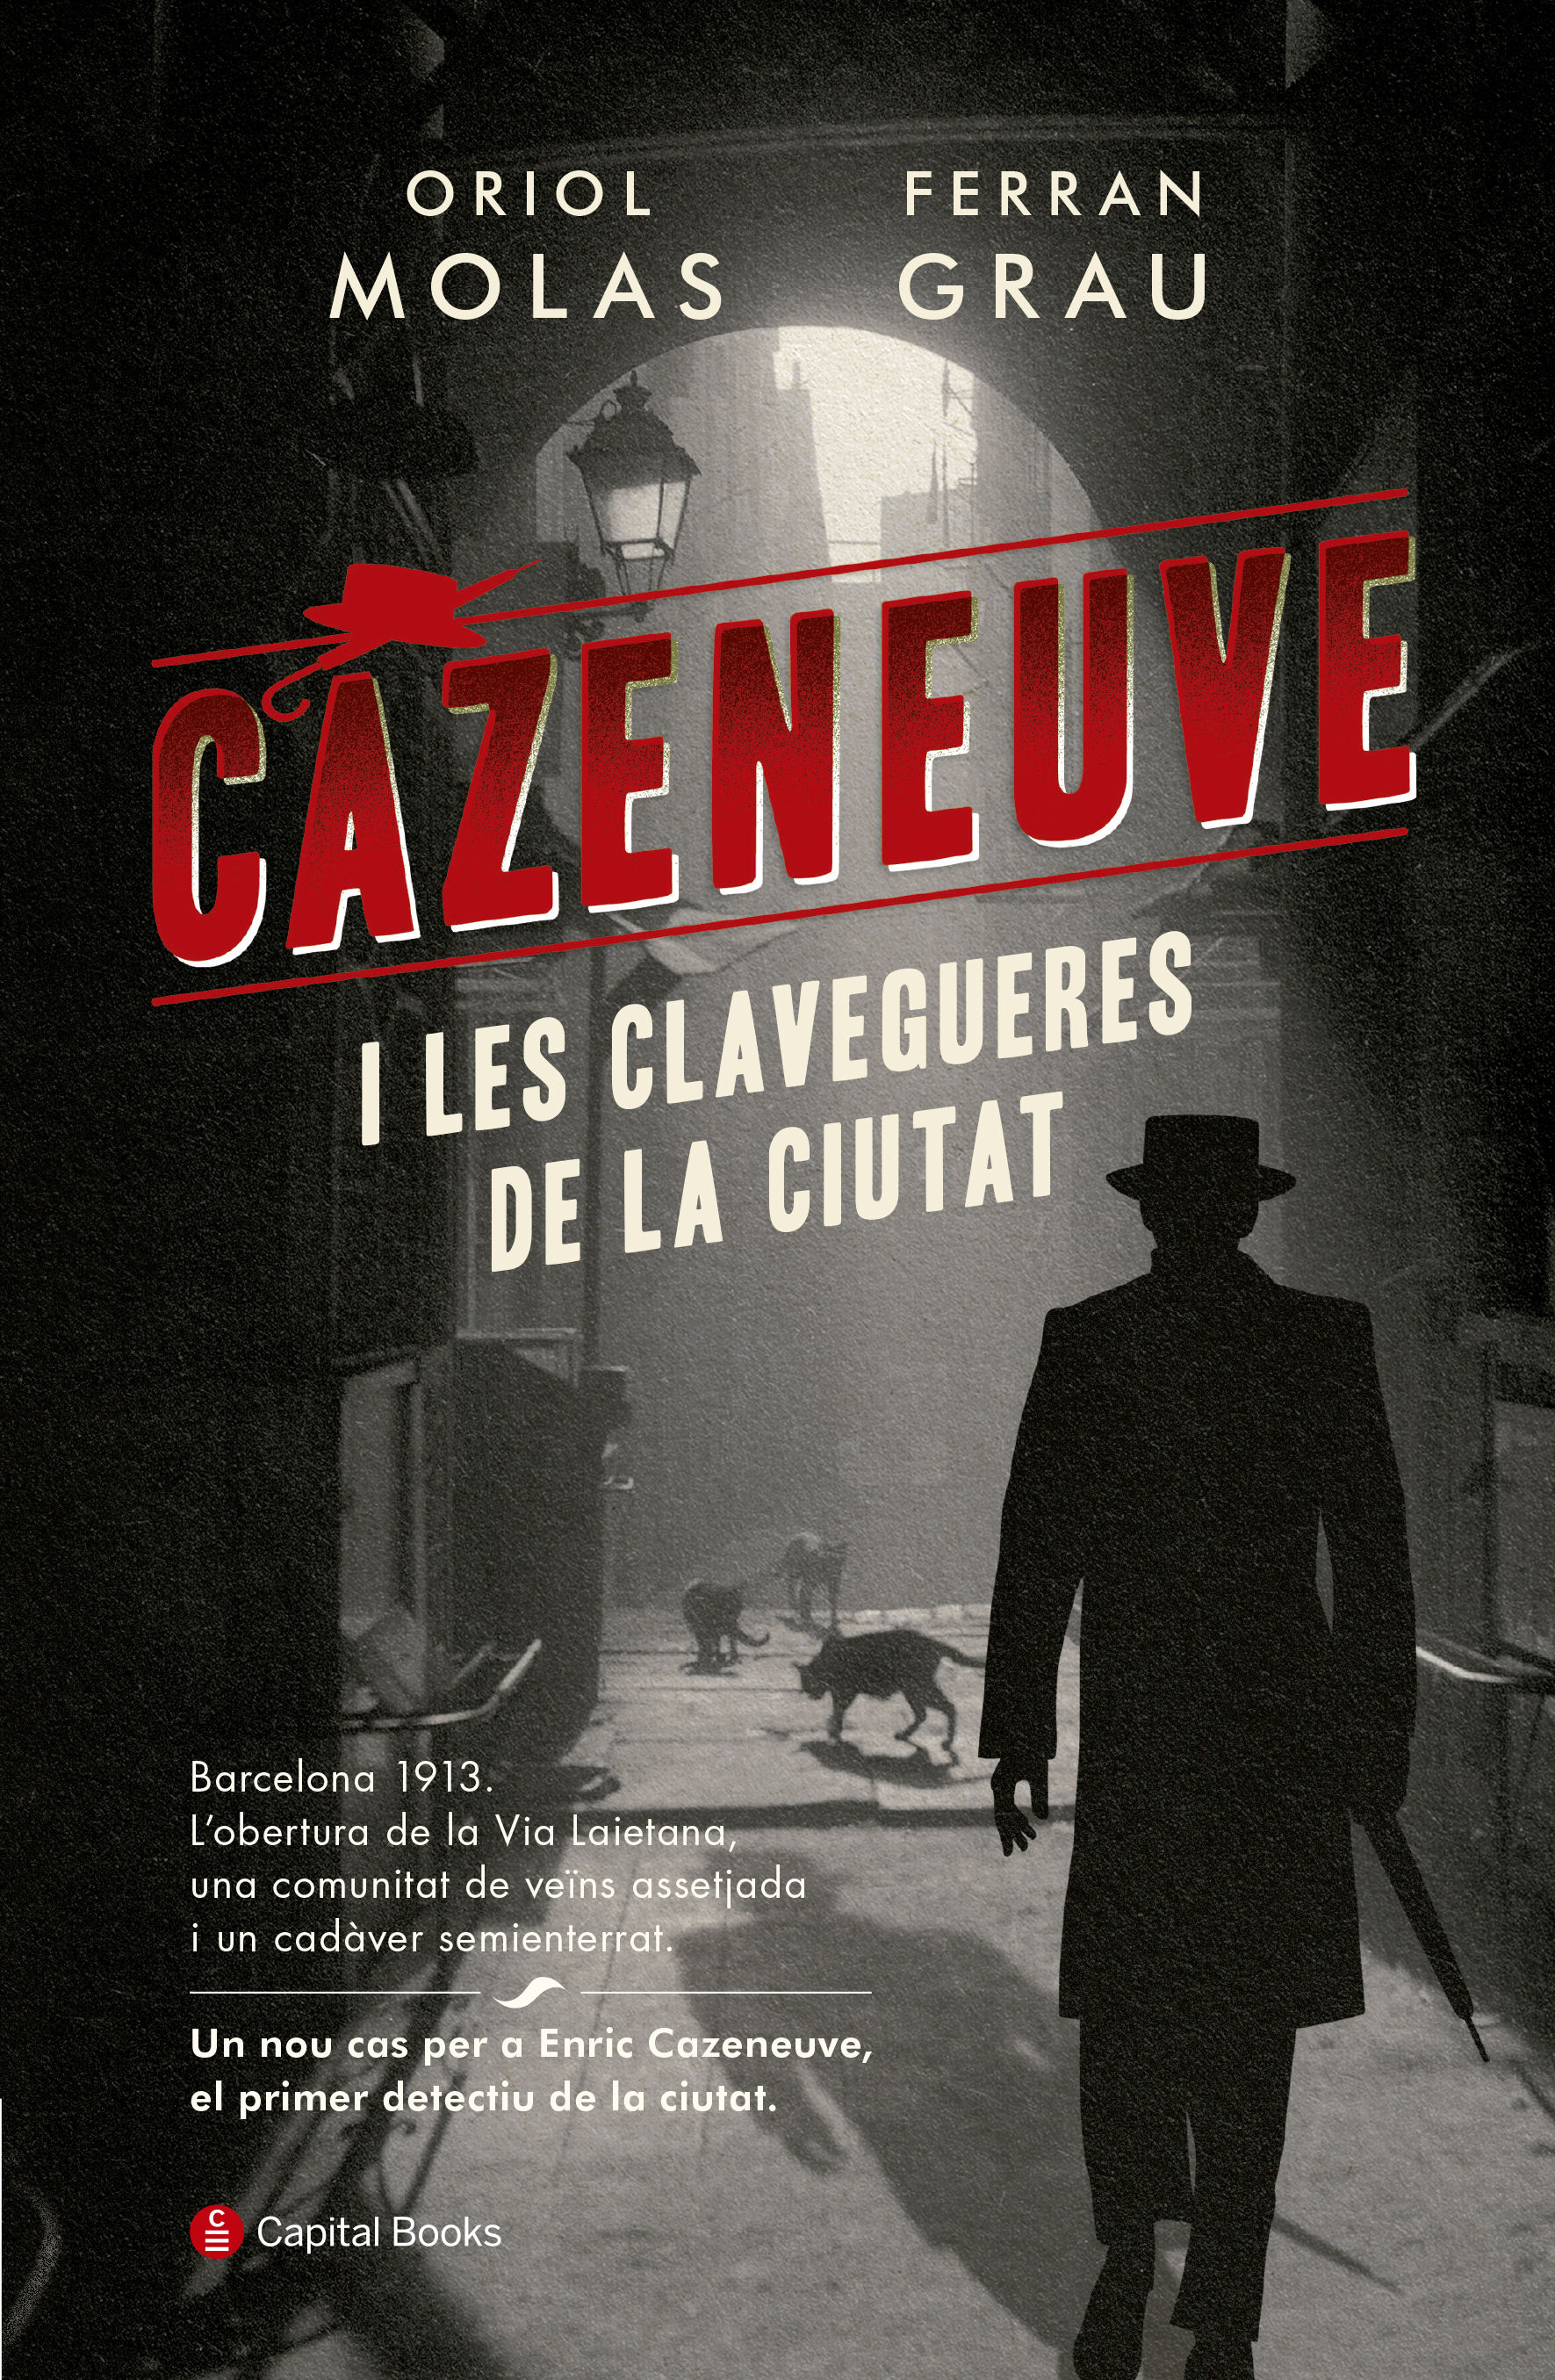 CAZENEUVE I LES CLAVEGUERES DE LA CIUTAT